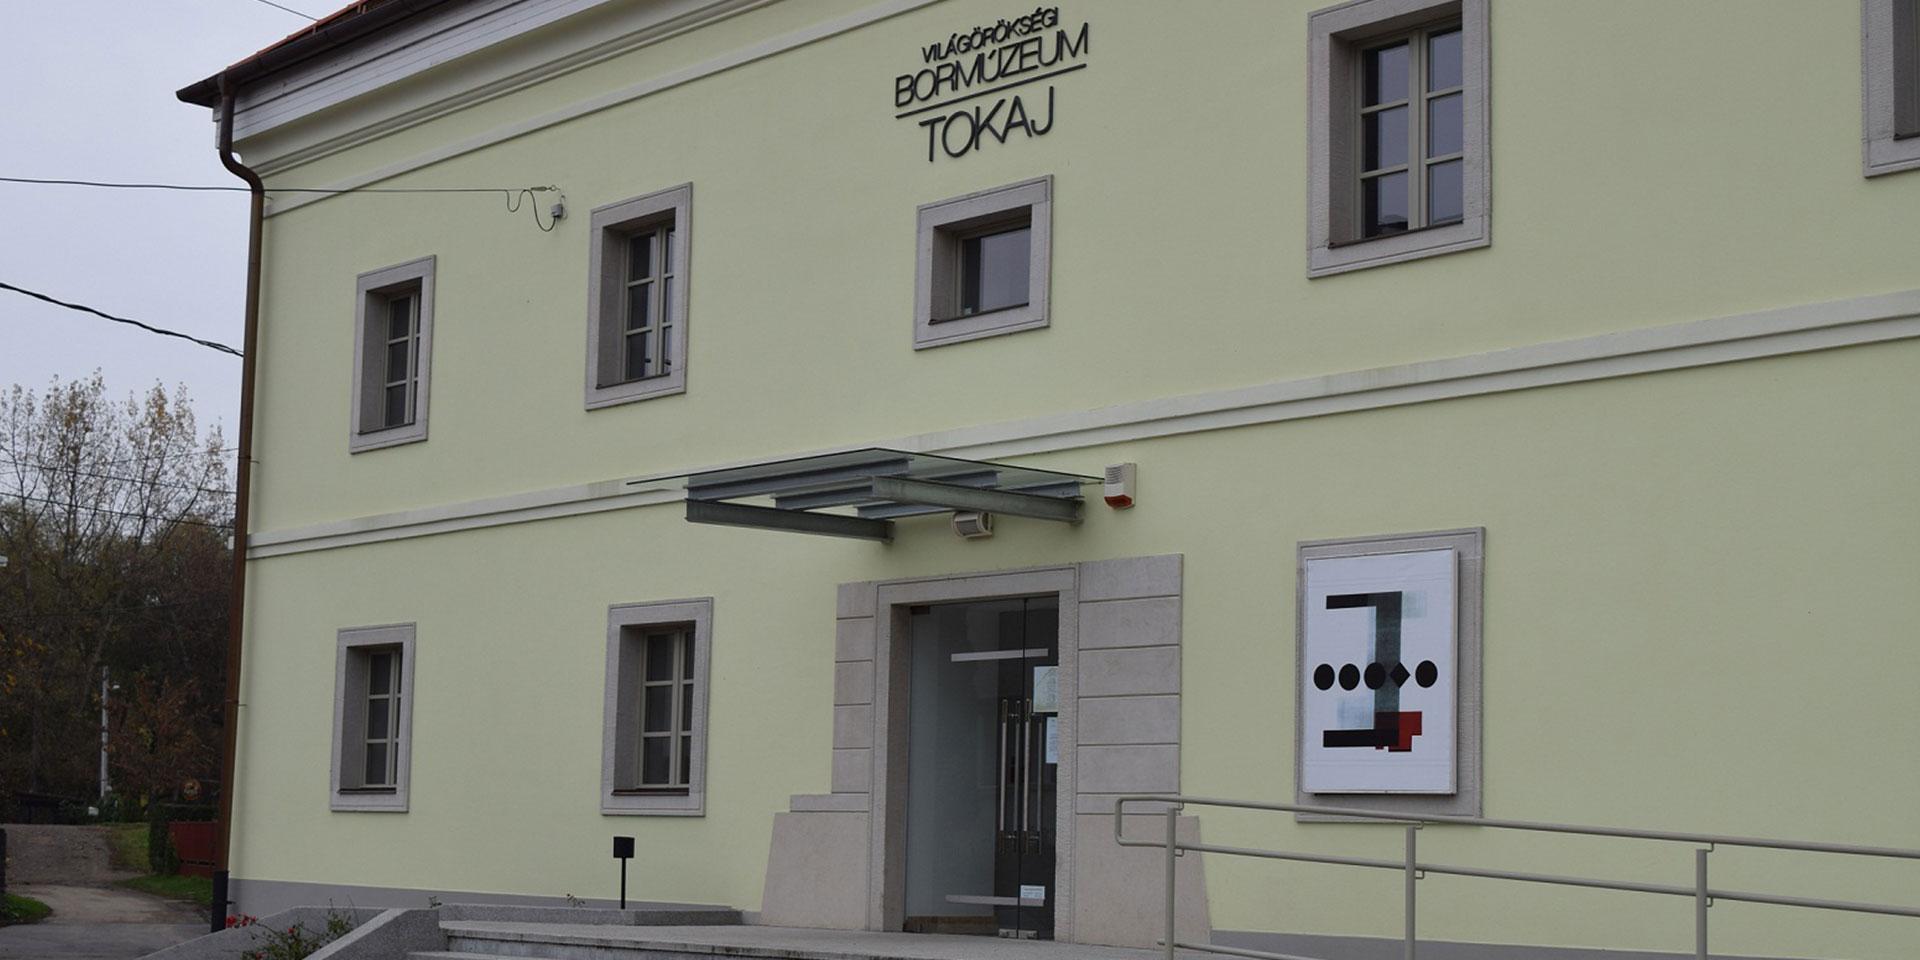 托考伊葡萄酒博物馆制作的创意工程